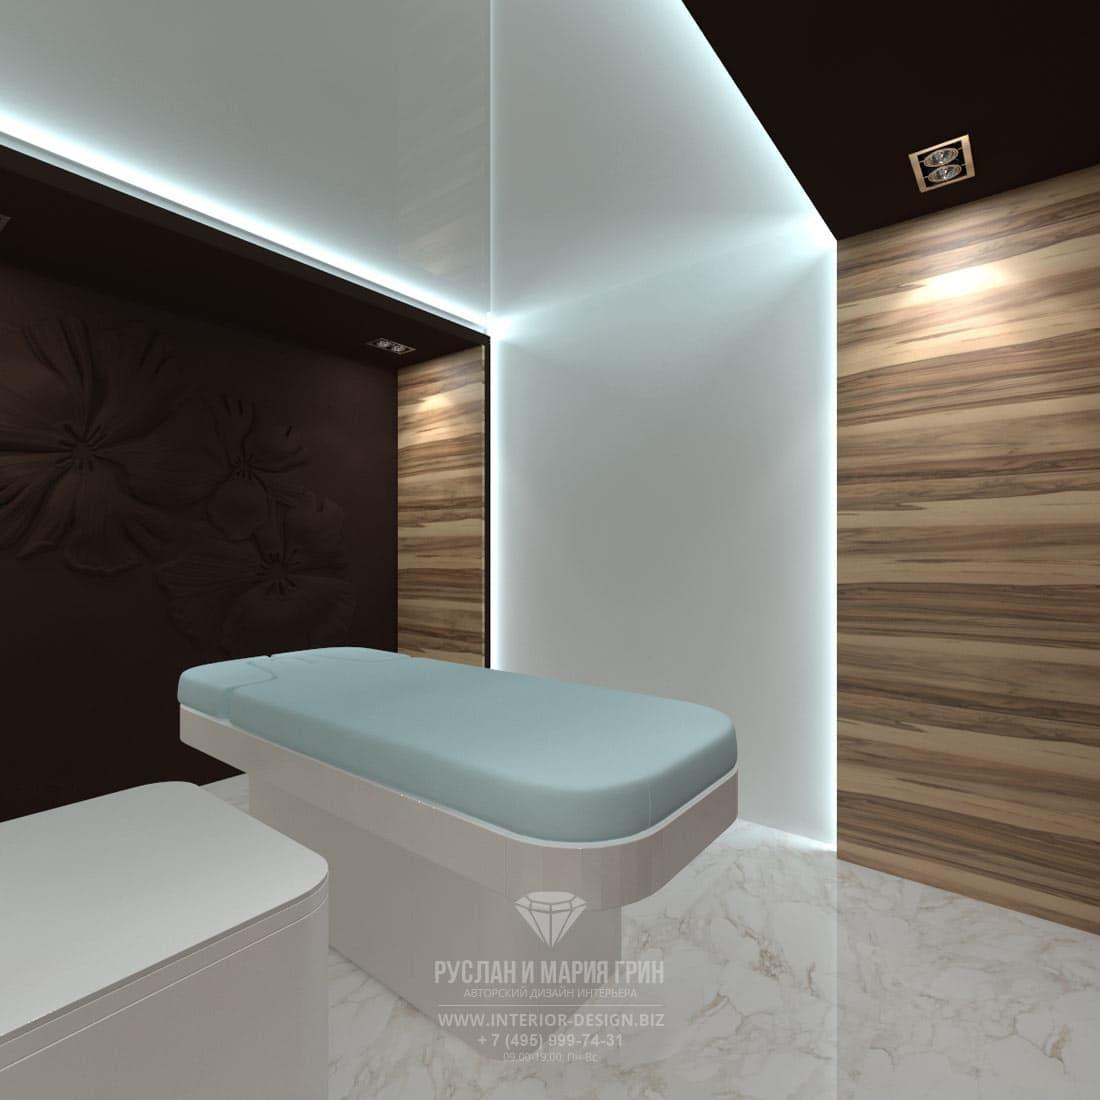 Дизайн интерьера современного салона красоты. Массажный кабинет